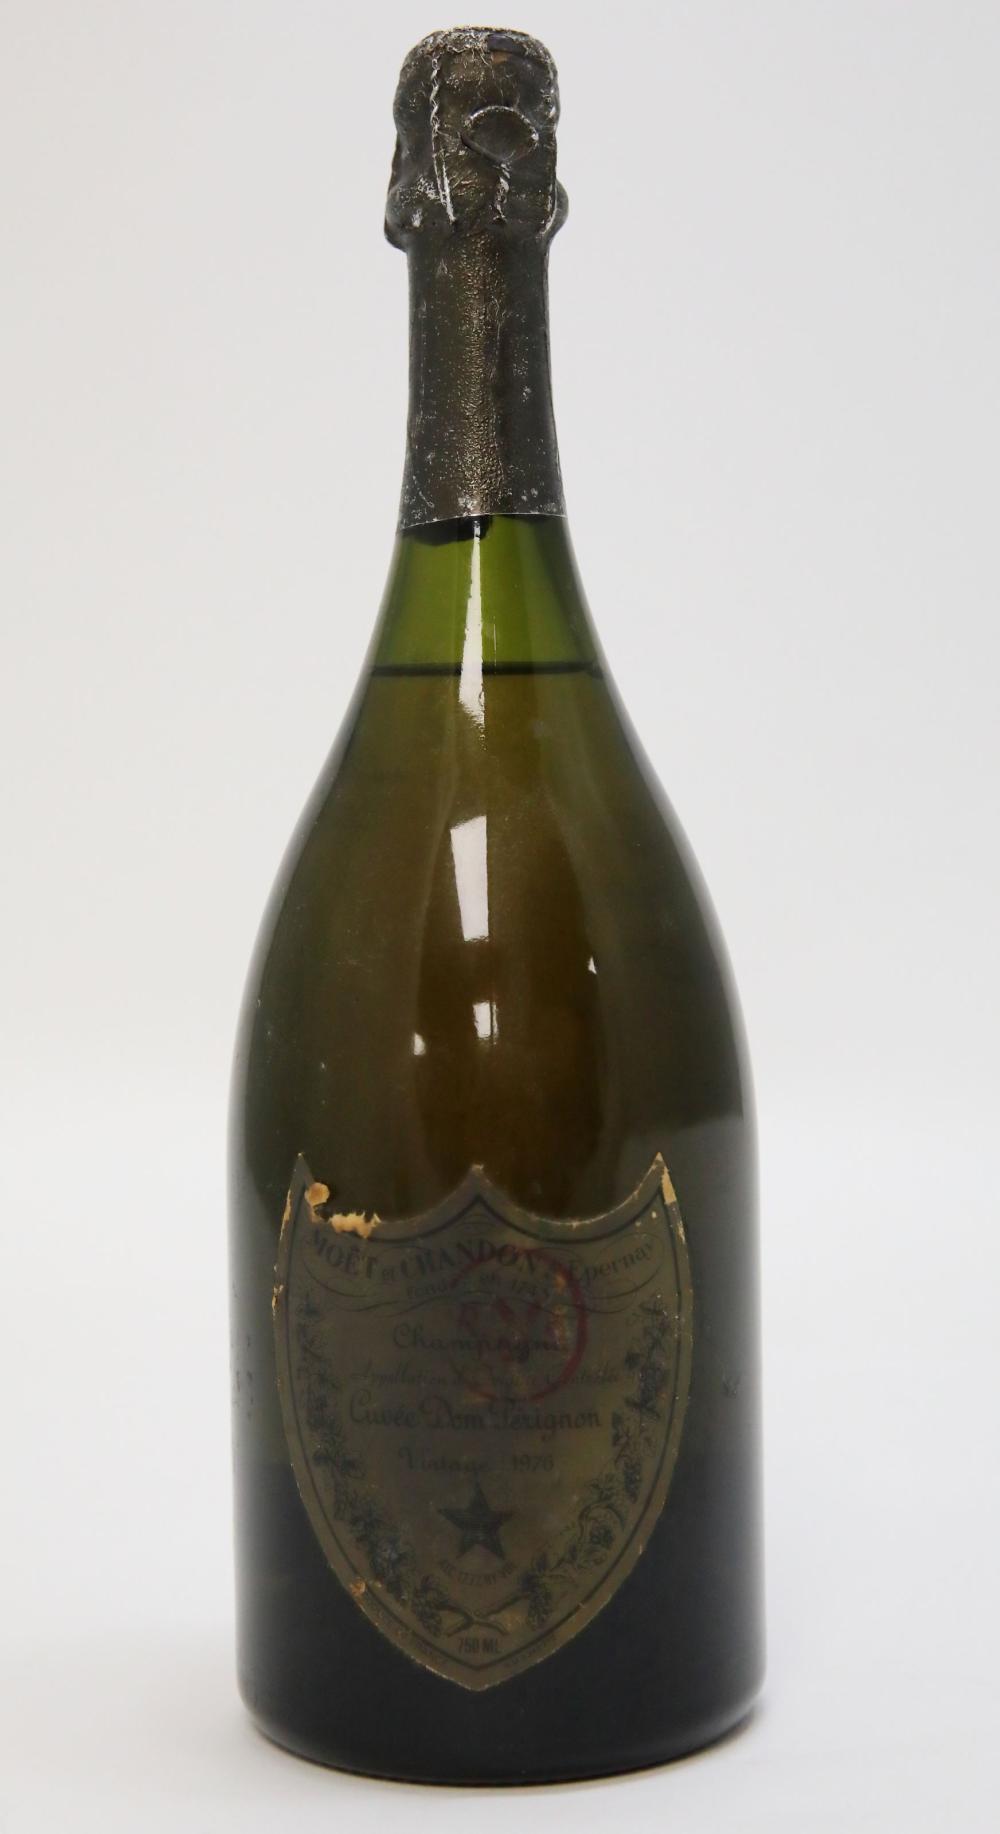 Moet et Chandon Dom Perignon Champagne 1976